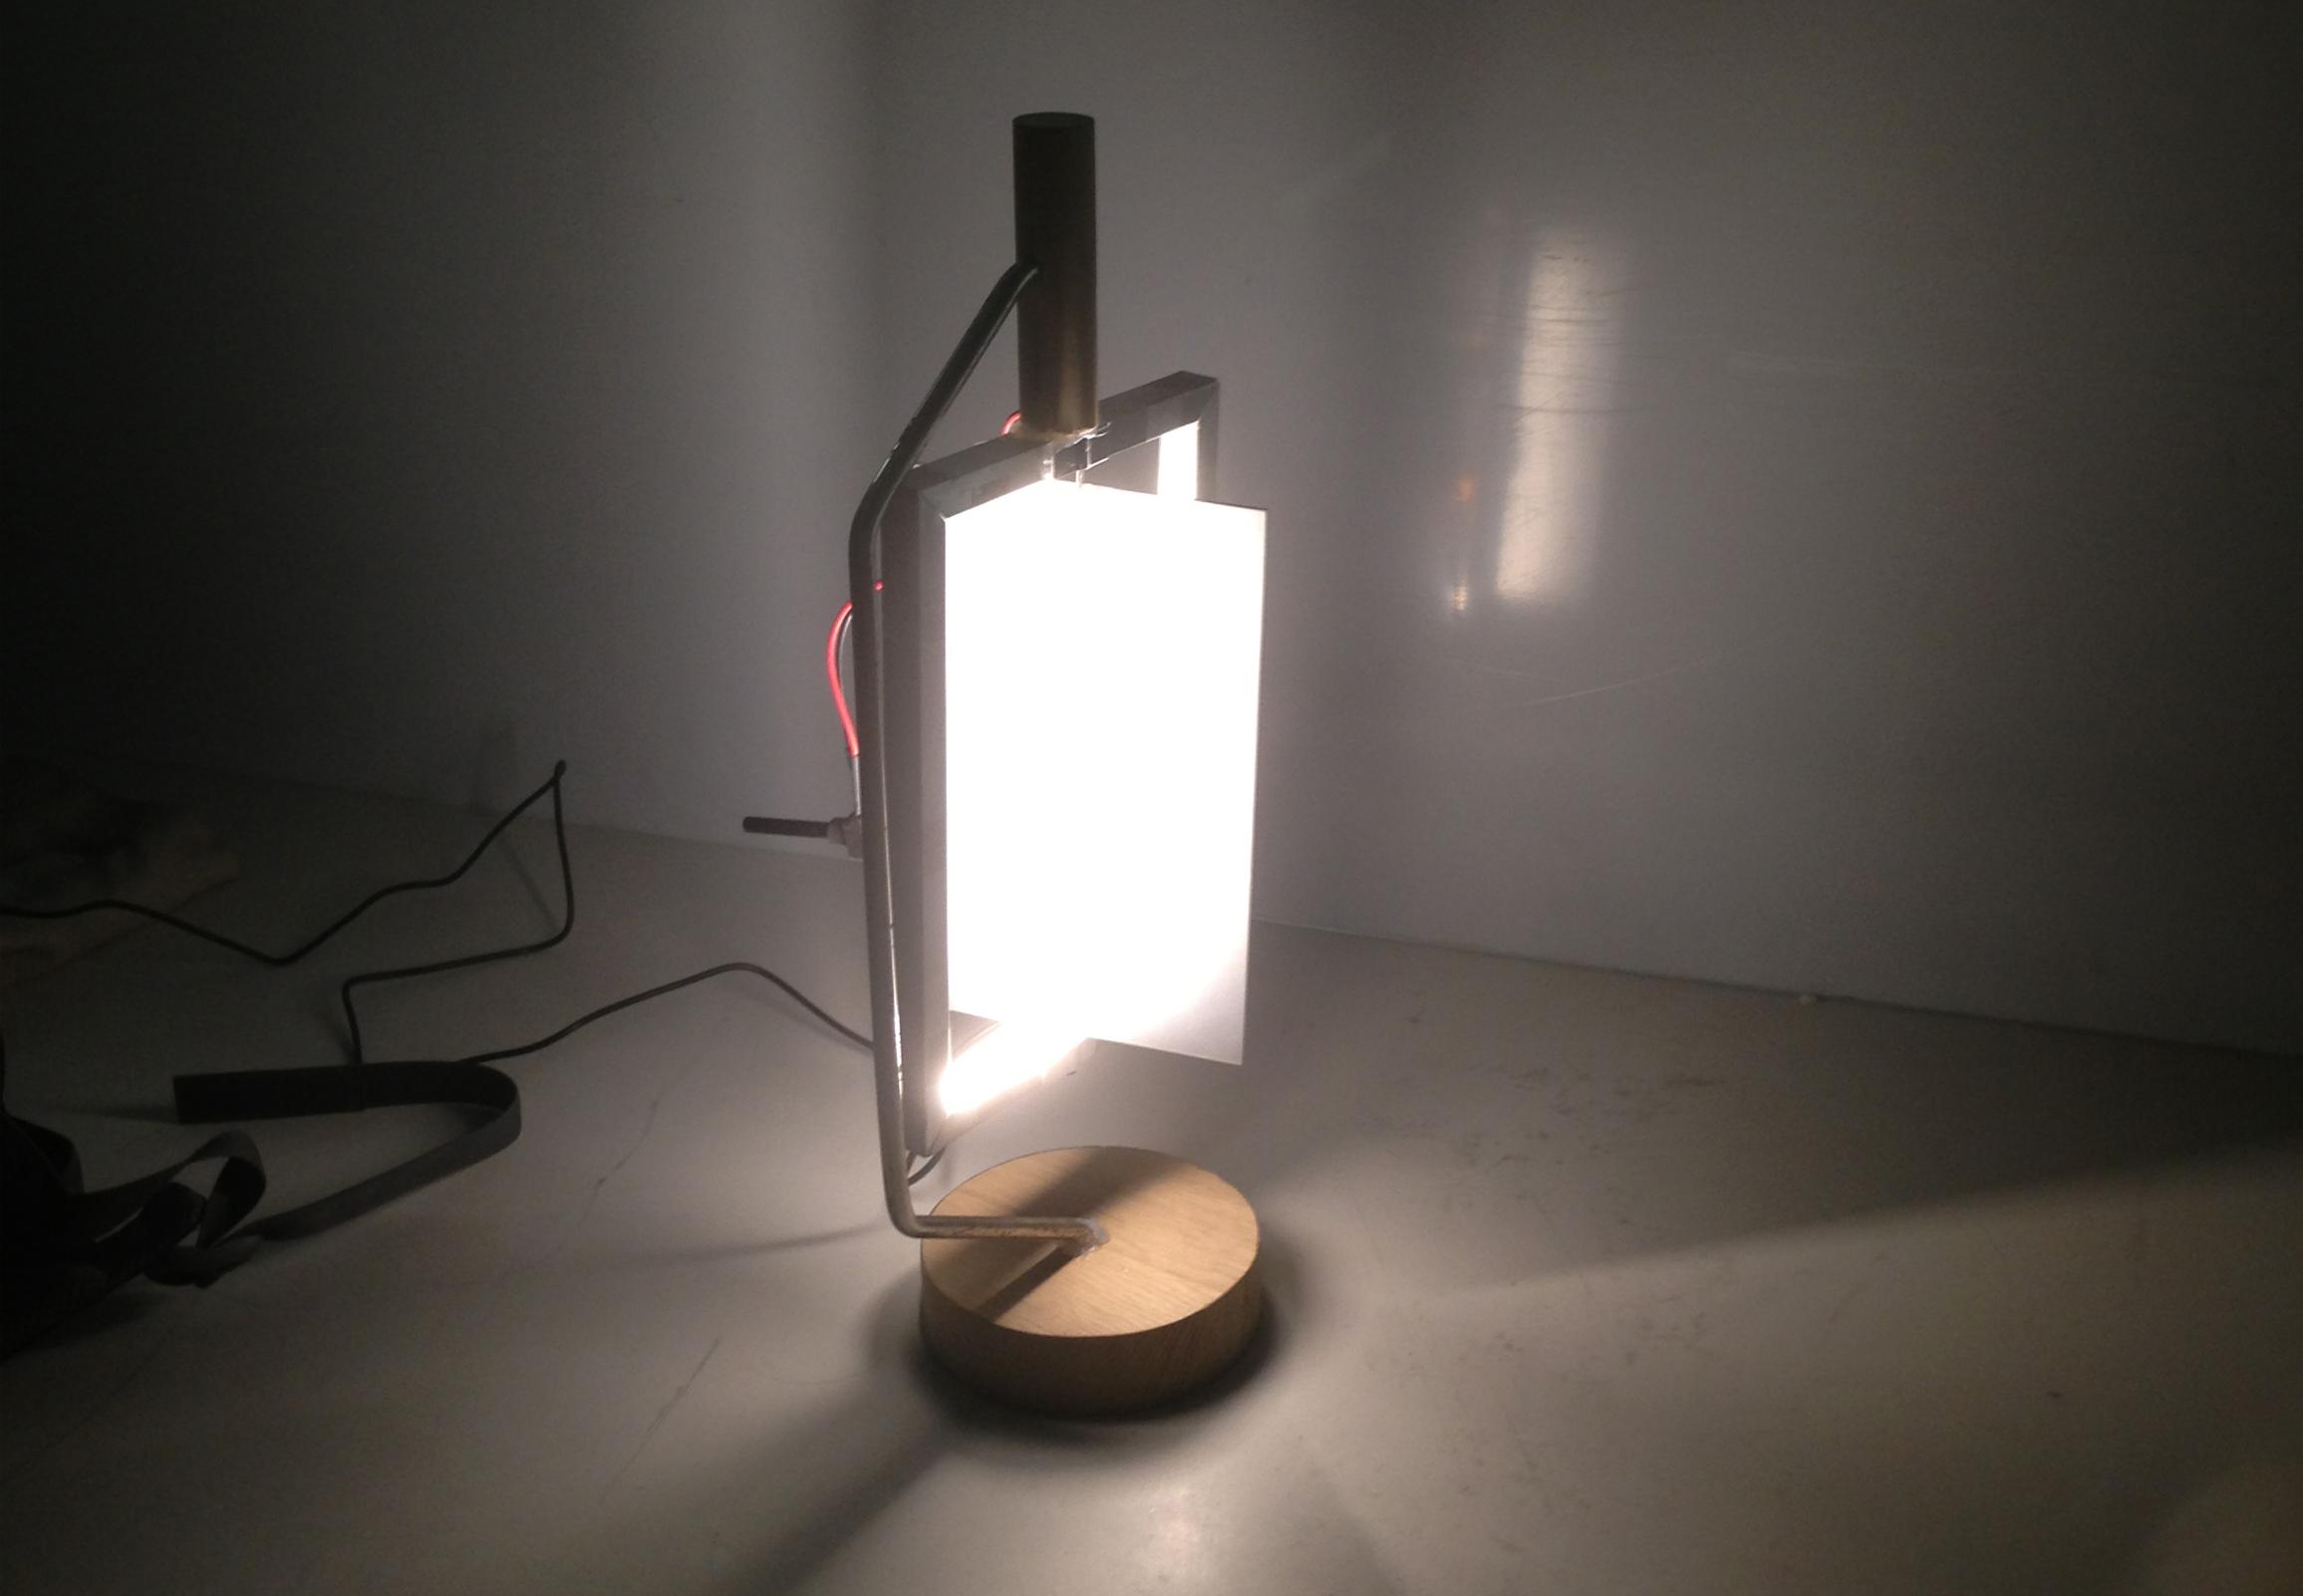 Disk-Light-Making-Of-03.jpg